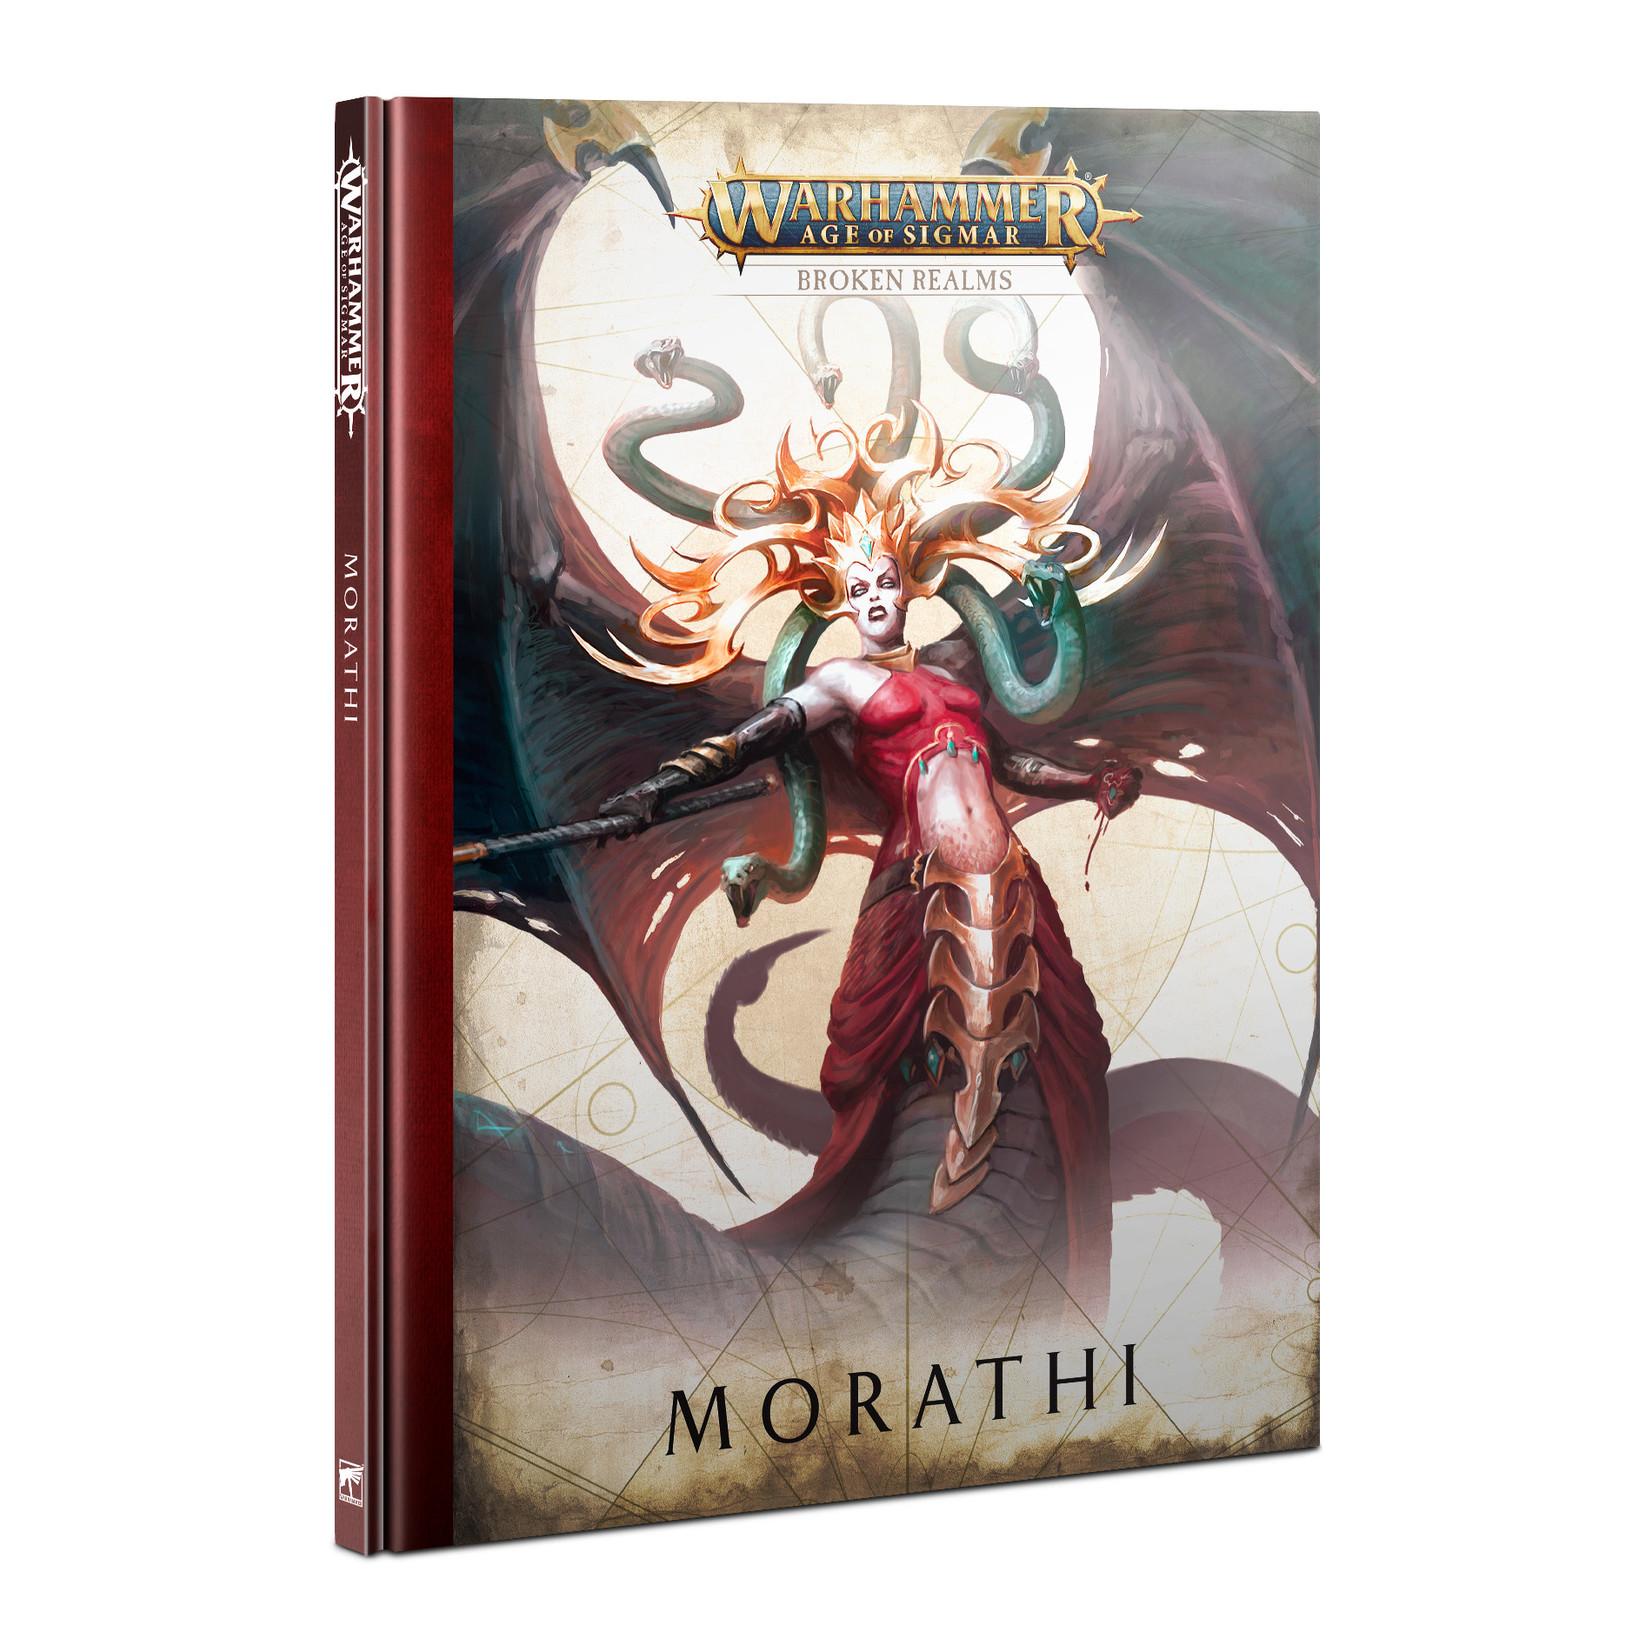 Games Workshop Warhammer Age of Sigmar: Broken Realms - Morathi [HB]